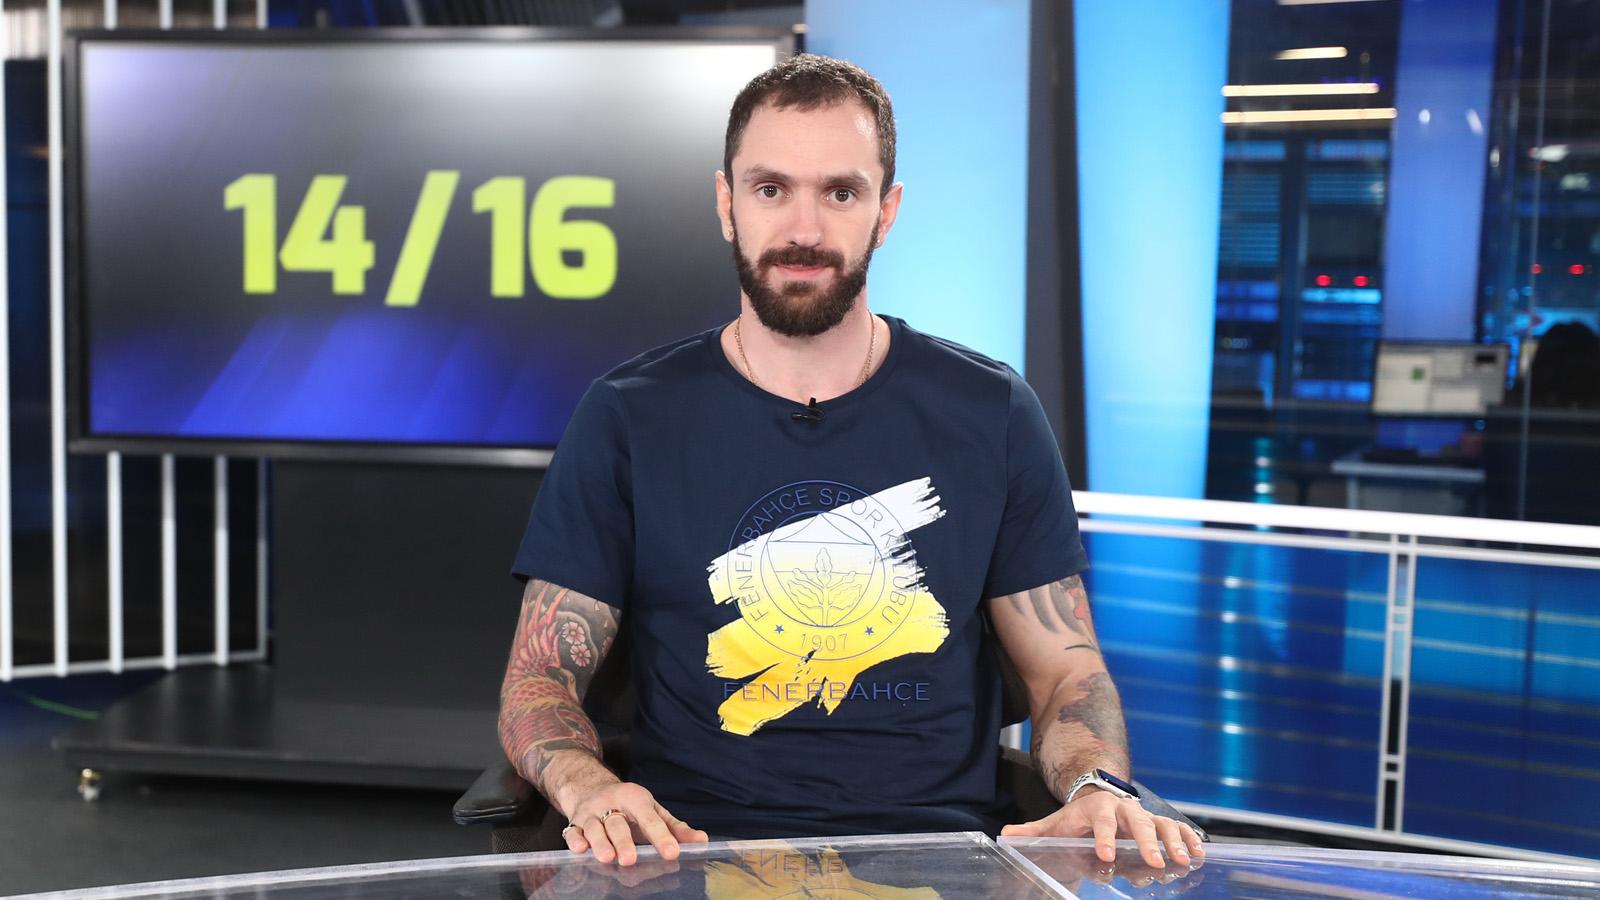 Dünya ve Avrupa Şampiyonu atletimiz Ramil Guliyev, 14/16 programının konuğu oldu